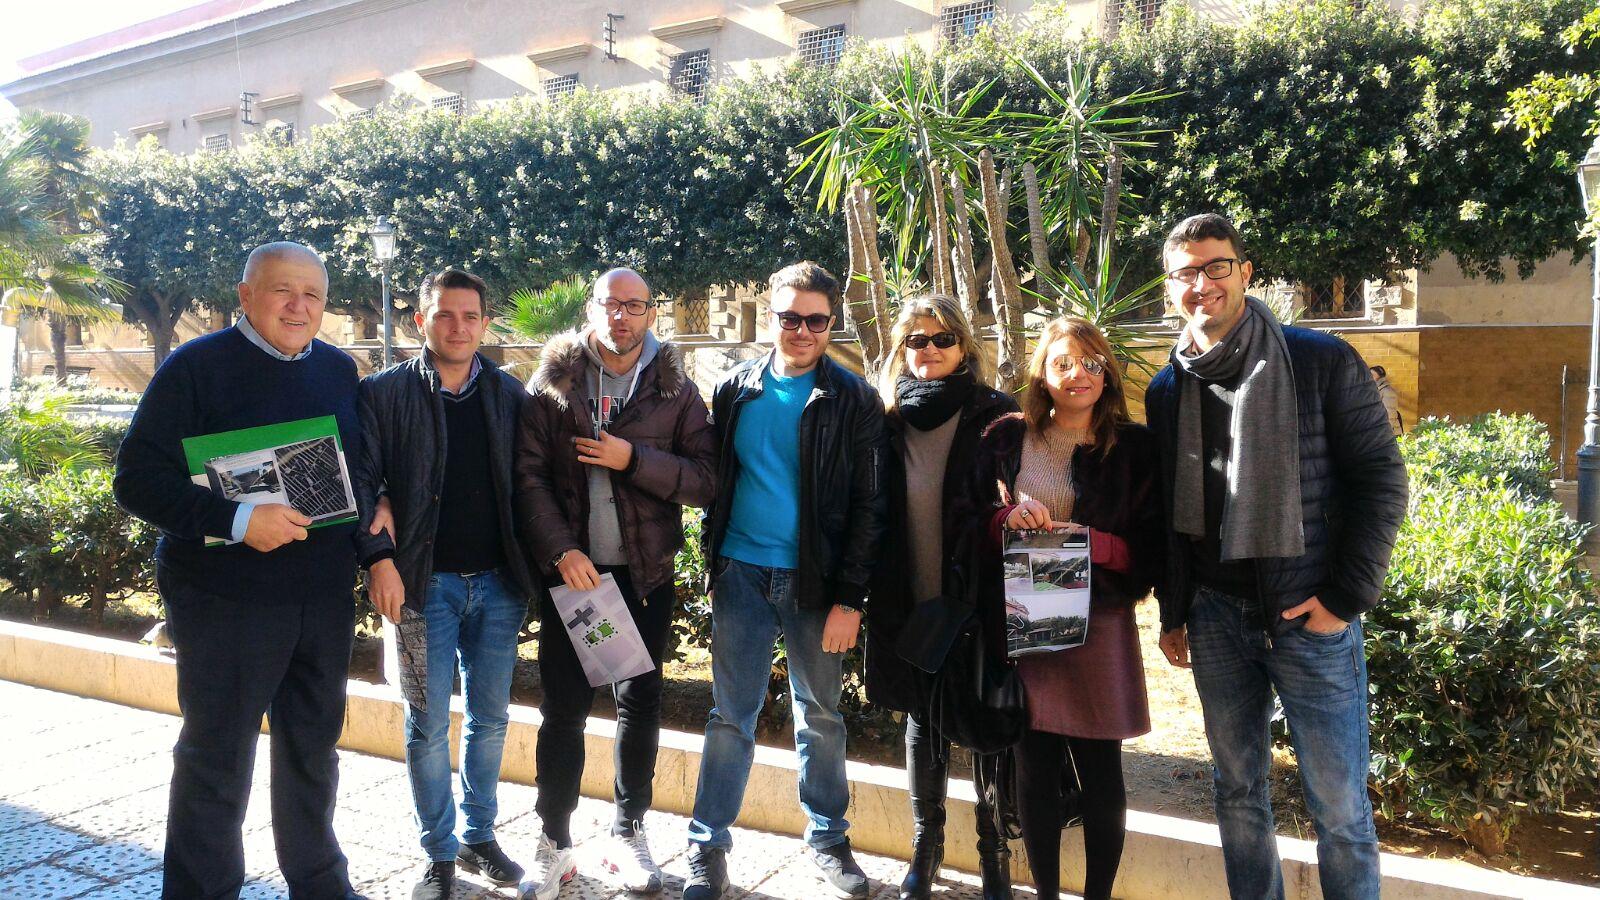 I consiglieri Puccio, Ventimiglia, Caponetti, Militello, Galati, Ventimiglia e Giliberti durante una protesta a Villa san Giuseppe a Terrasini